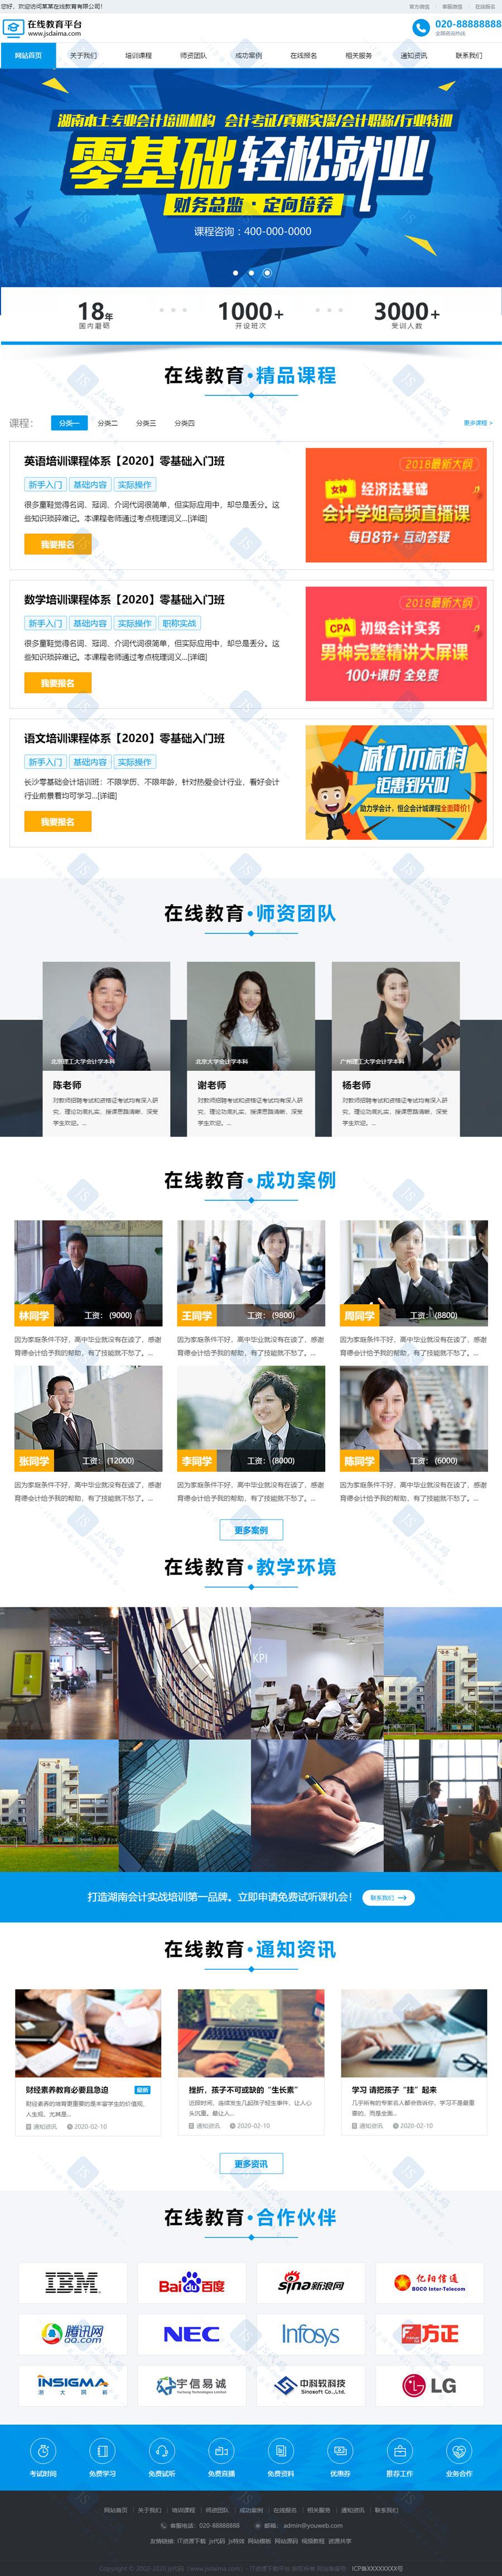 蓝色宽屏大气响应式在线网课职业教育培训平台网站源码